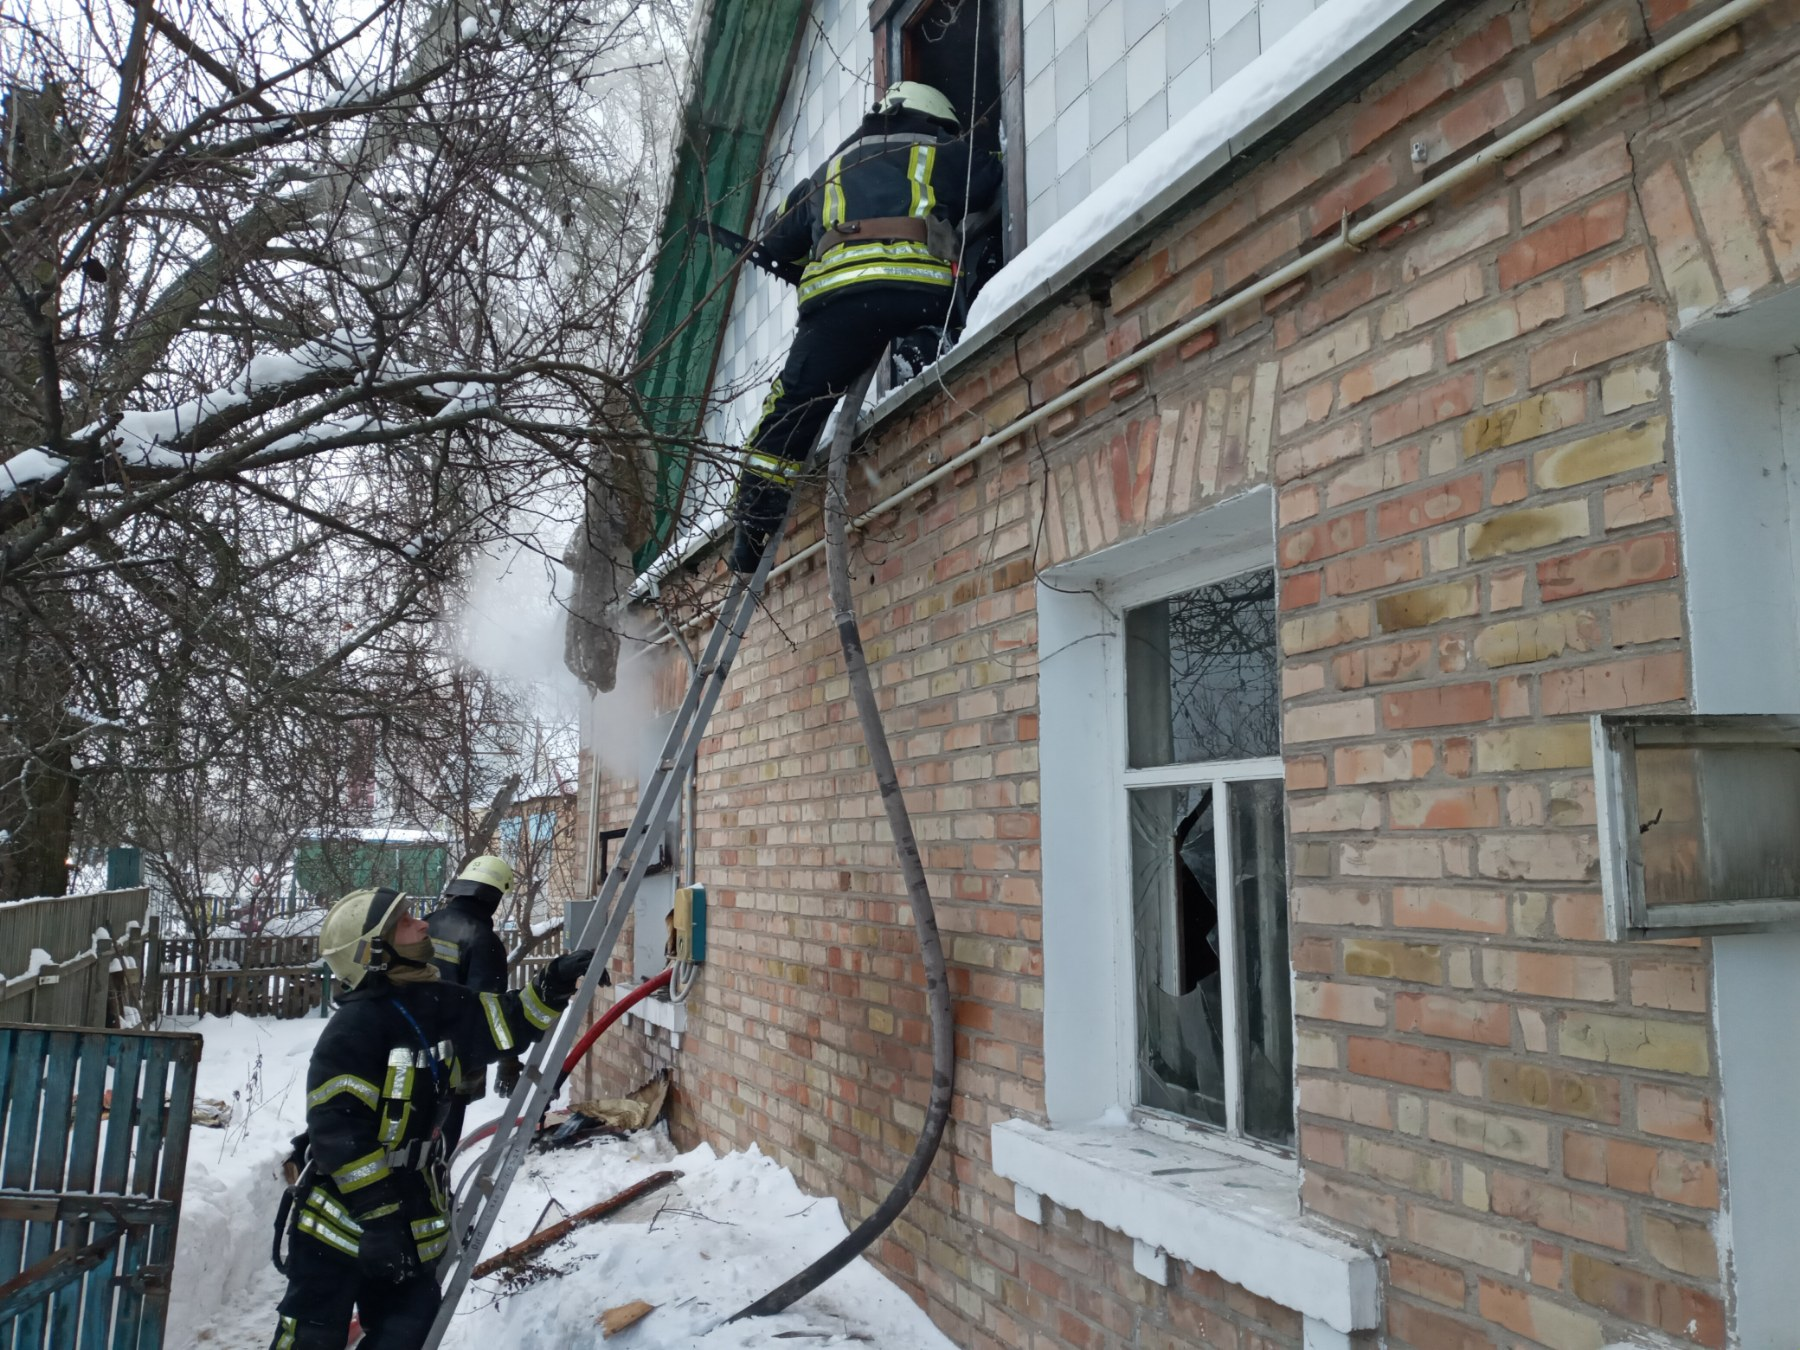 У Гостомелі приборкали пожежу в будинку - пожежа будинку, київщина, ірпінські рятувальники, Гостомельська ОТГ - Gost Sv Pokr 1